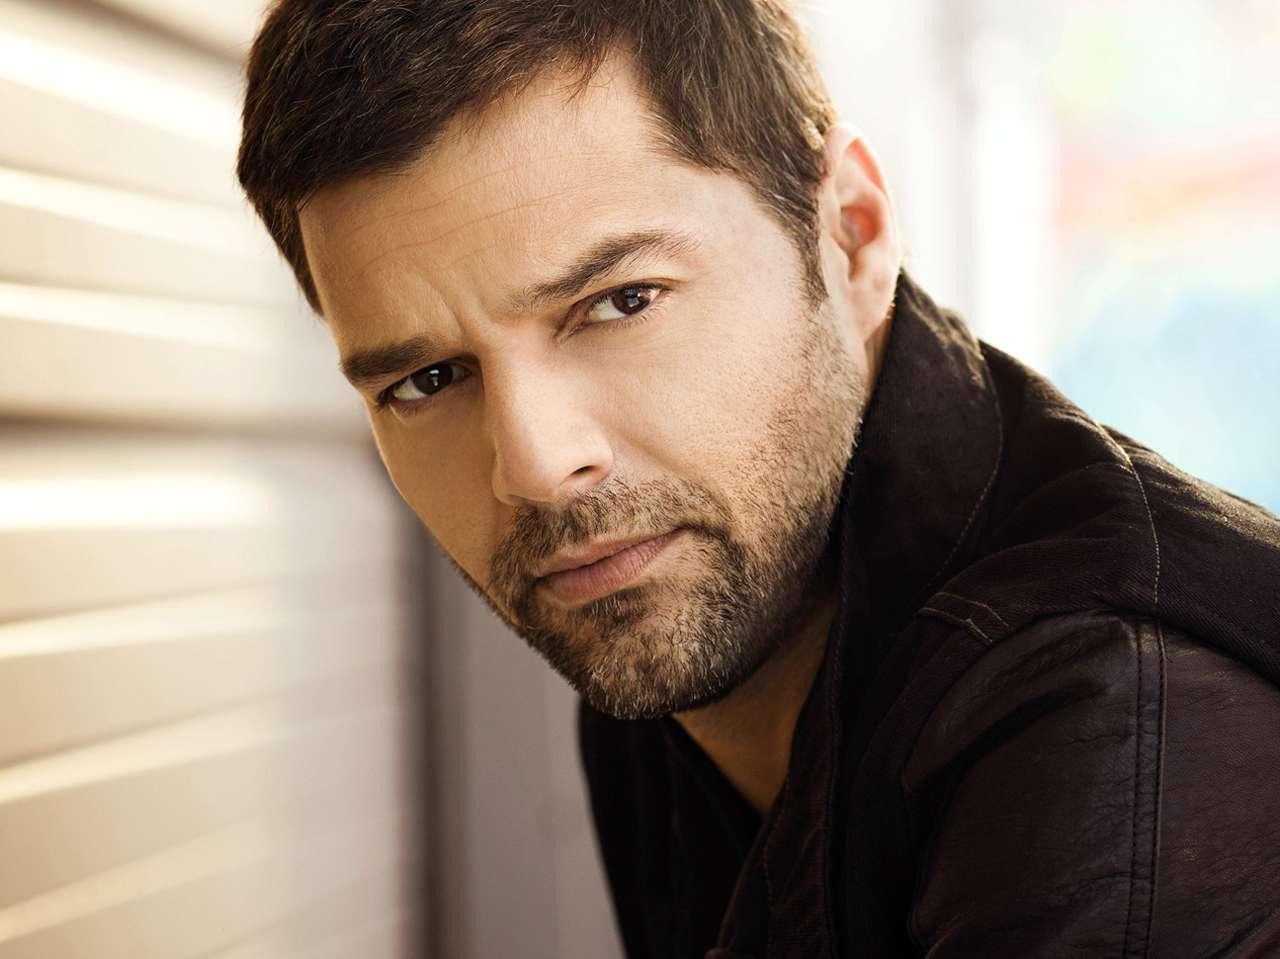 Ricky Martin, quien el 22 de septiembre estrenará sencillo, dice que trabajar con nuevos talentos en 'La Voz... México' lo hizo recordar sus inicios. Foto: Reforma